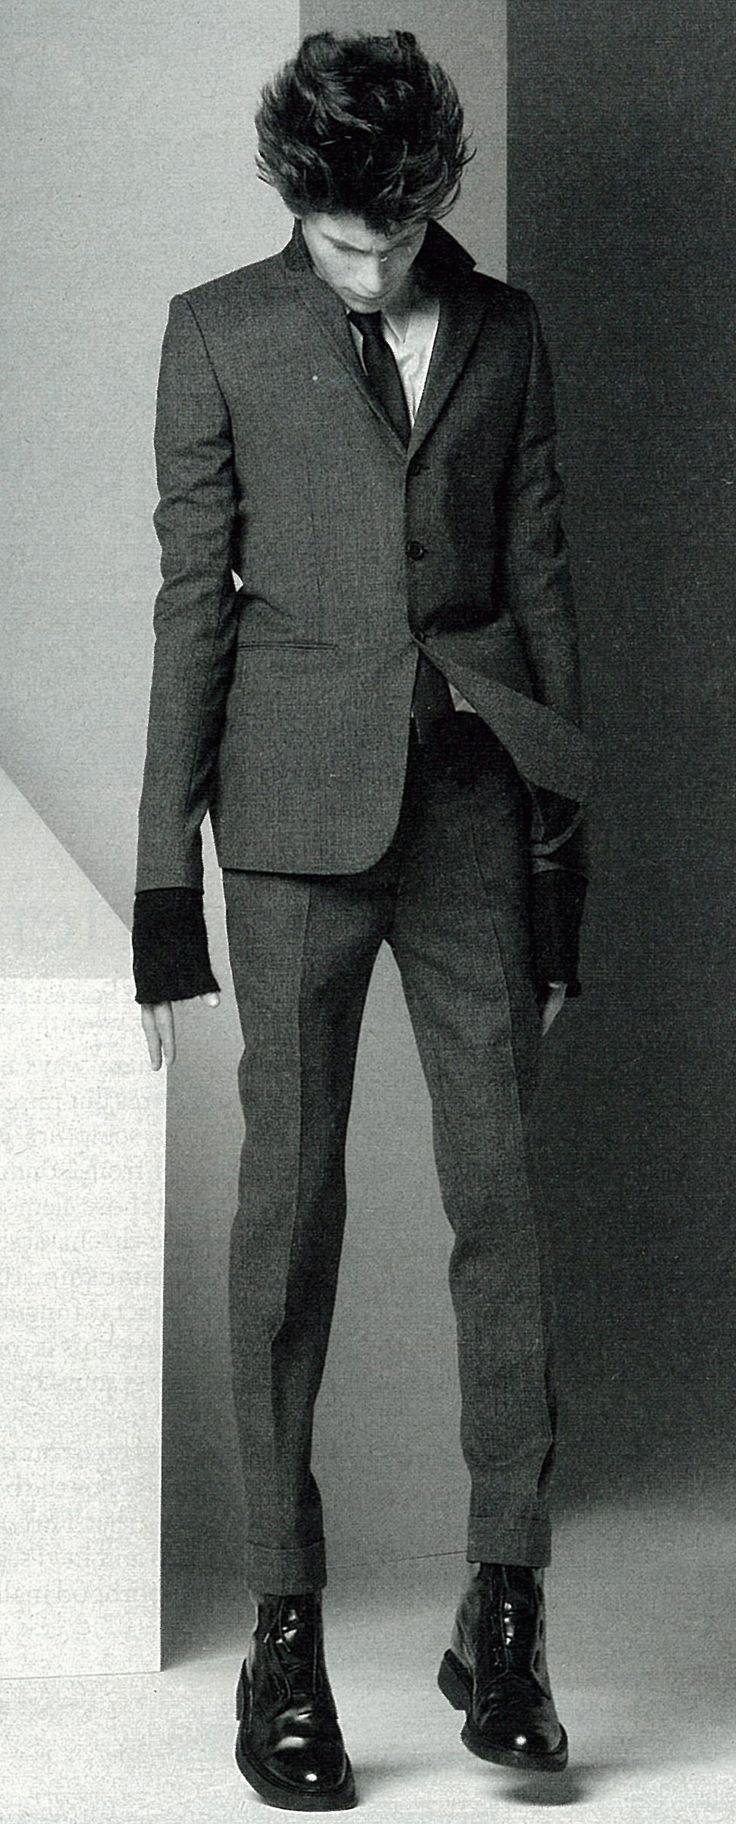 Hedi Slimane-designed Dior Homme skinny suit